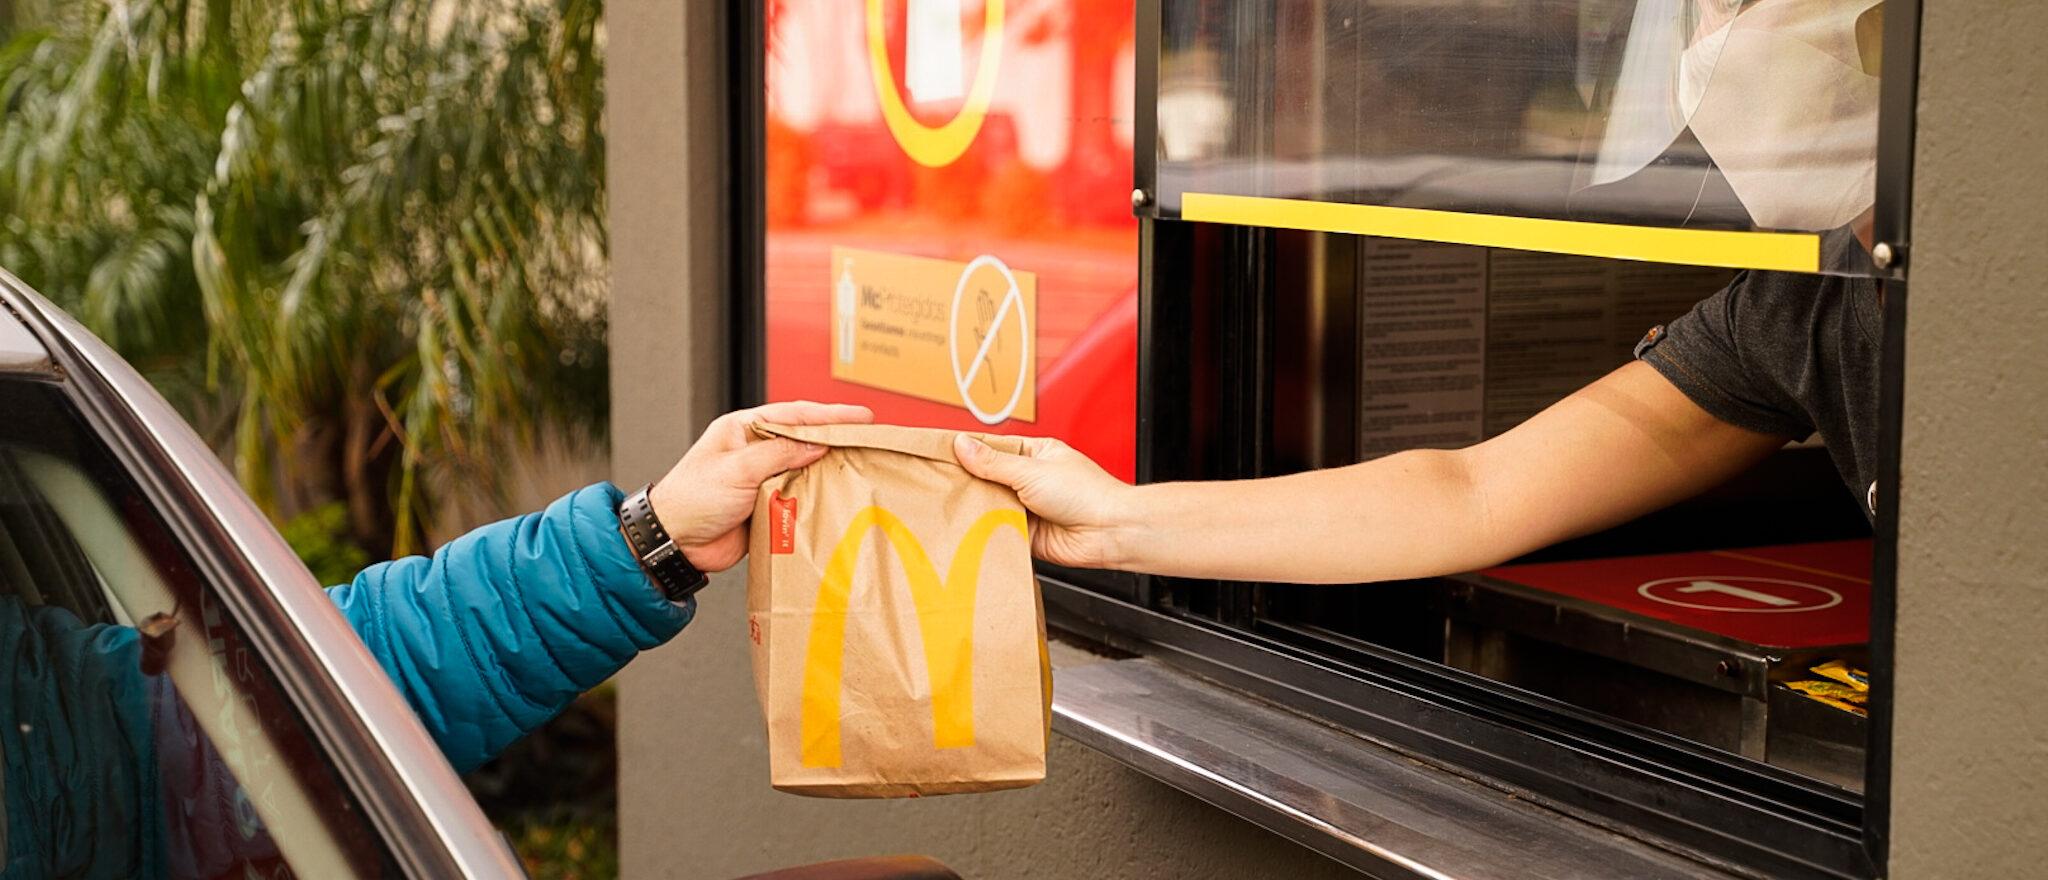 [Argentina] McDonald's adapta su operación a las nuevas restricciones en AMBA y presenta una opción de delivery propio desde su App